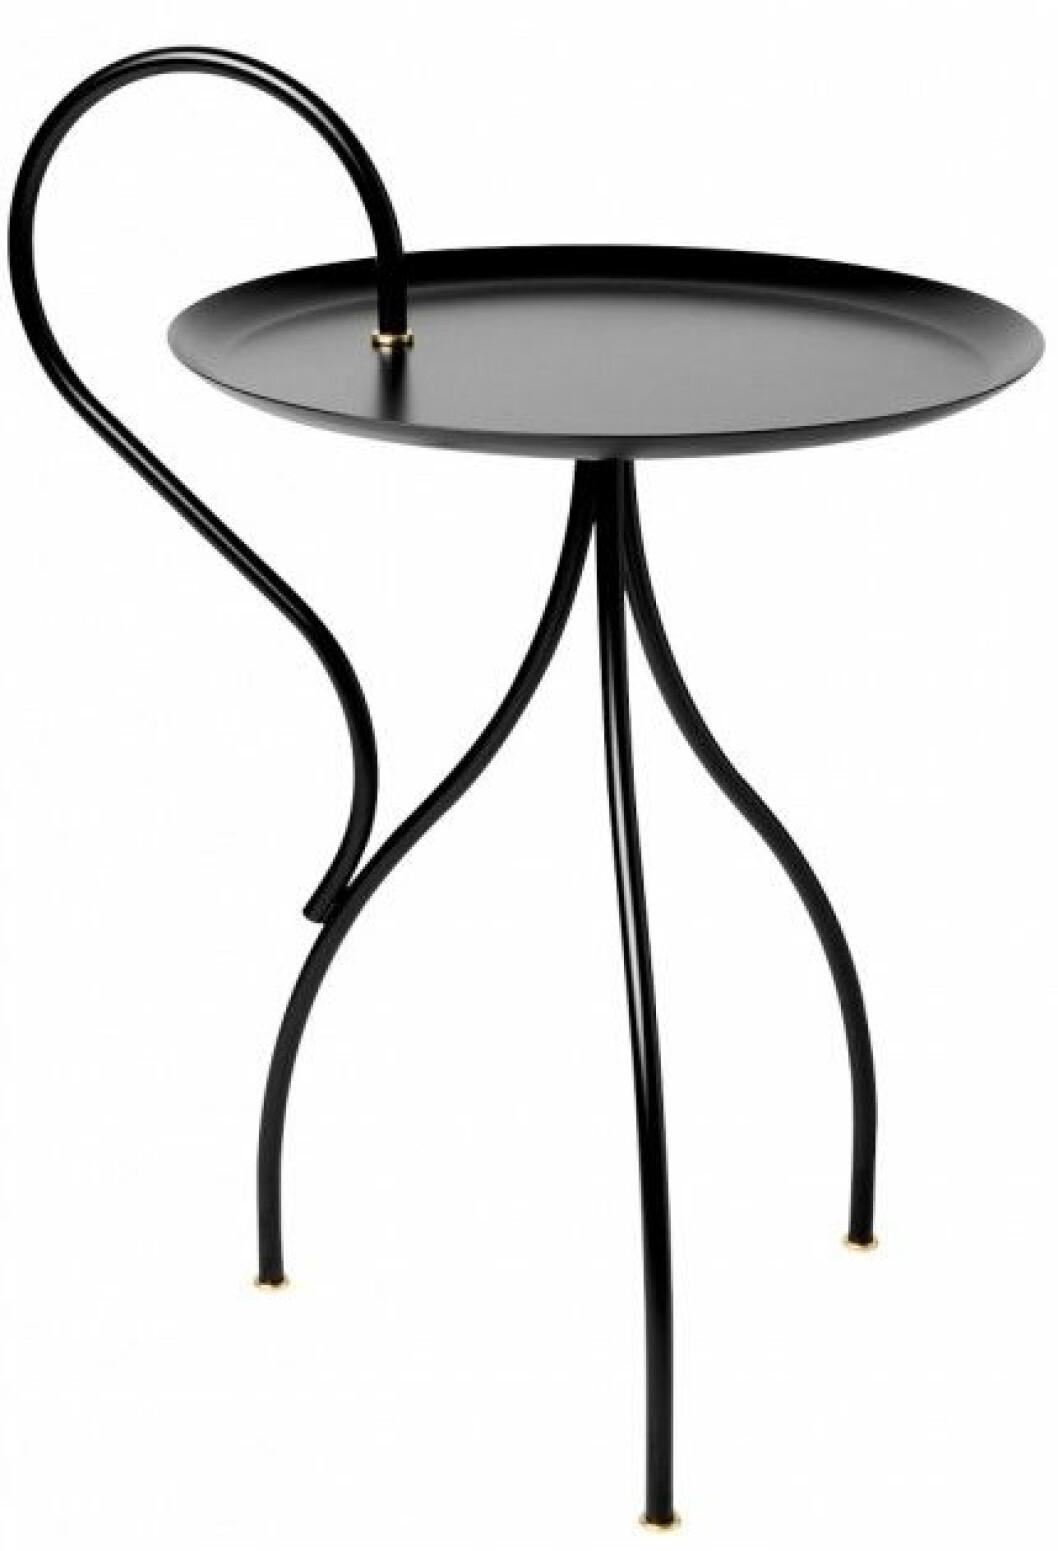 Sidobord Oolong, design Eva Schildt, 7 500 kr, Svenskt Tenn.